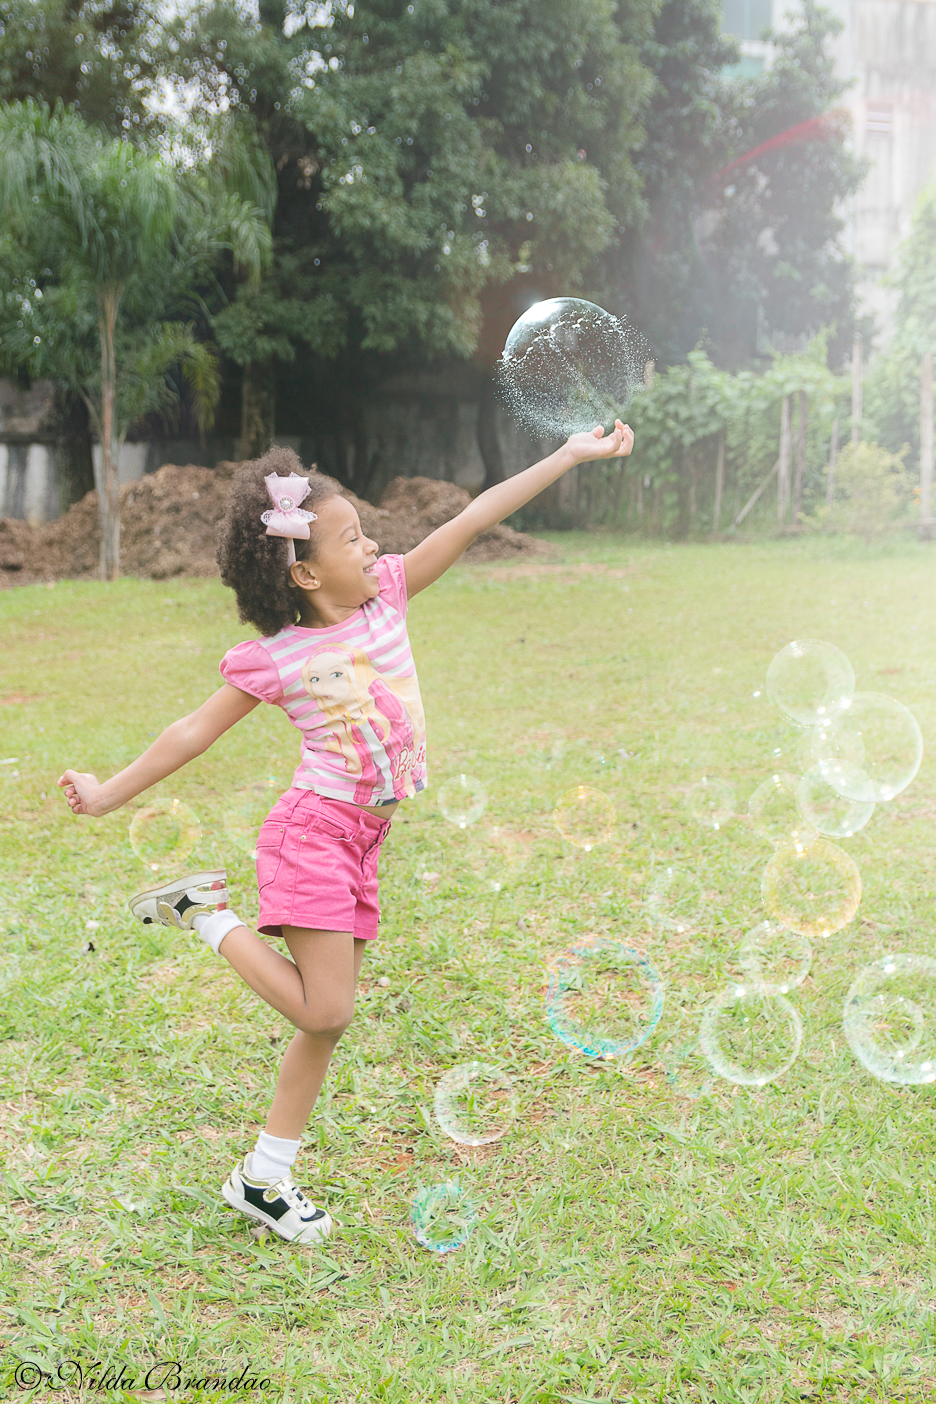 Meninas também podem ser molecas - Julia brincando com bolinhas de sabão no seu ensaio infantil